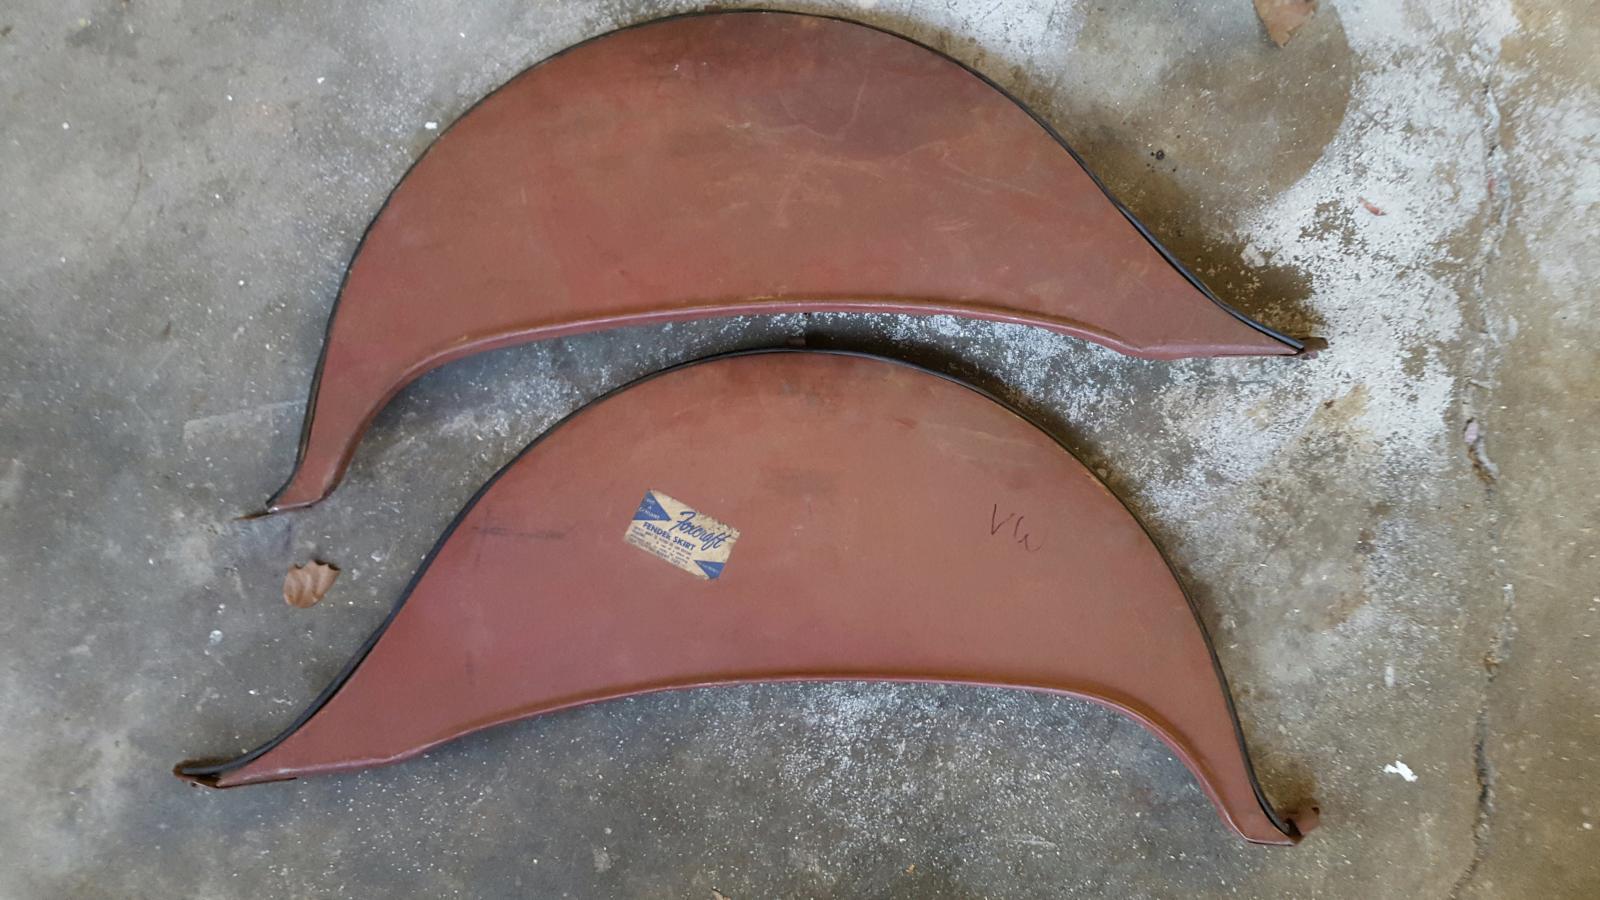 NOS Foxcraft Fender Skirts - rare originals